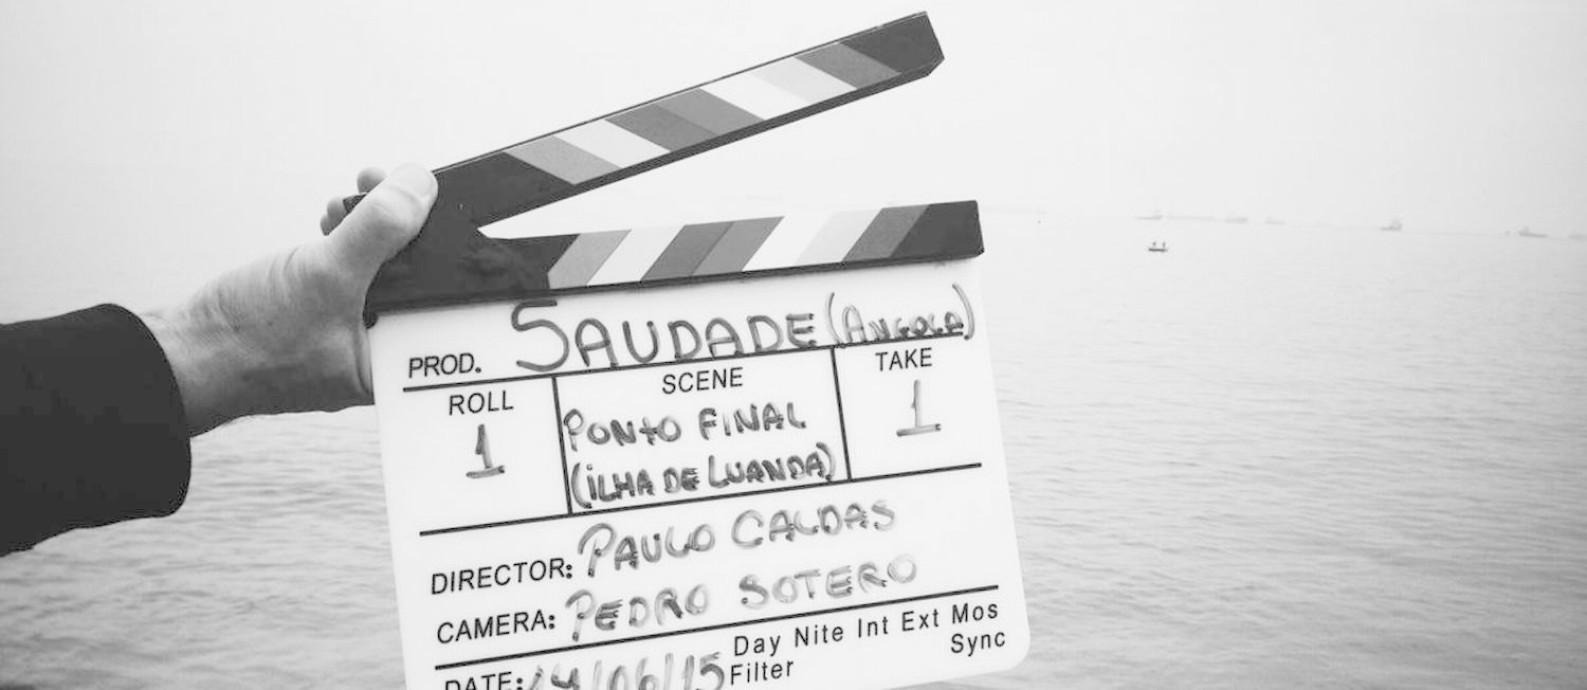 Cena do filme 'Saudade' Foto: Divulgação